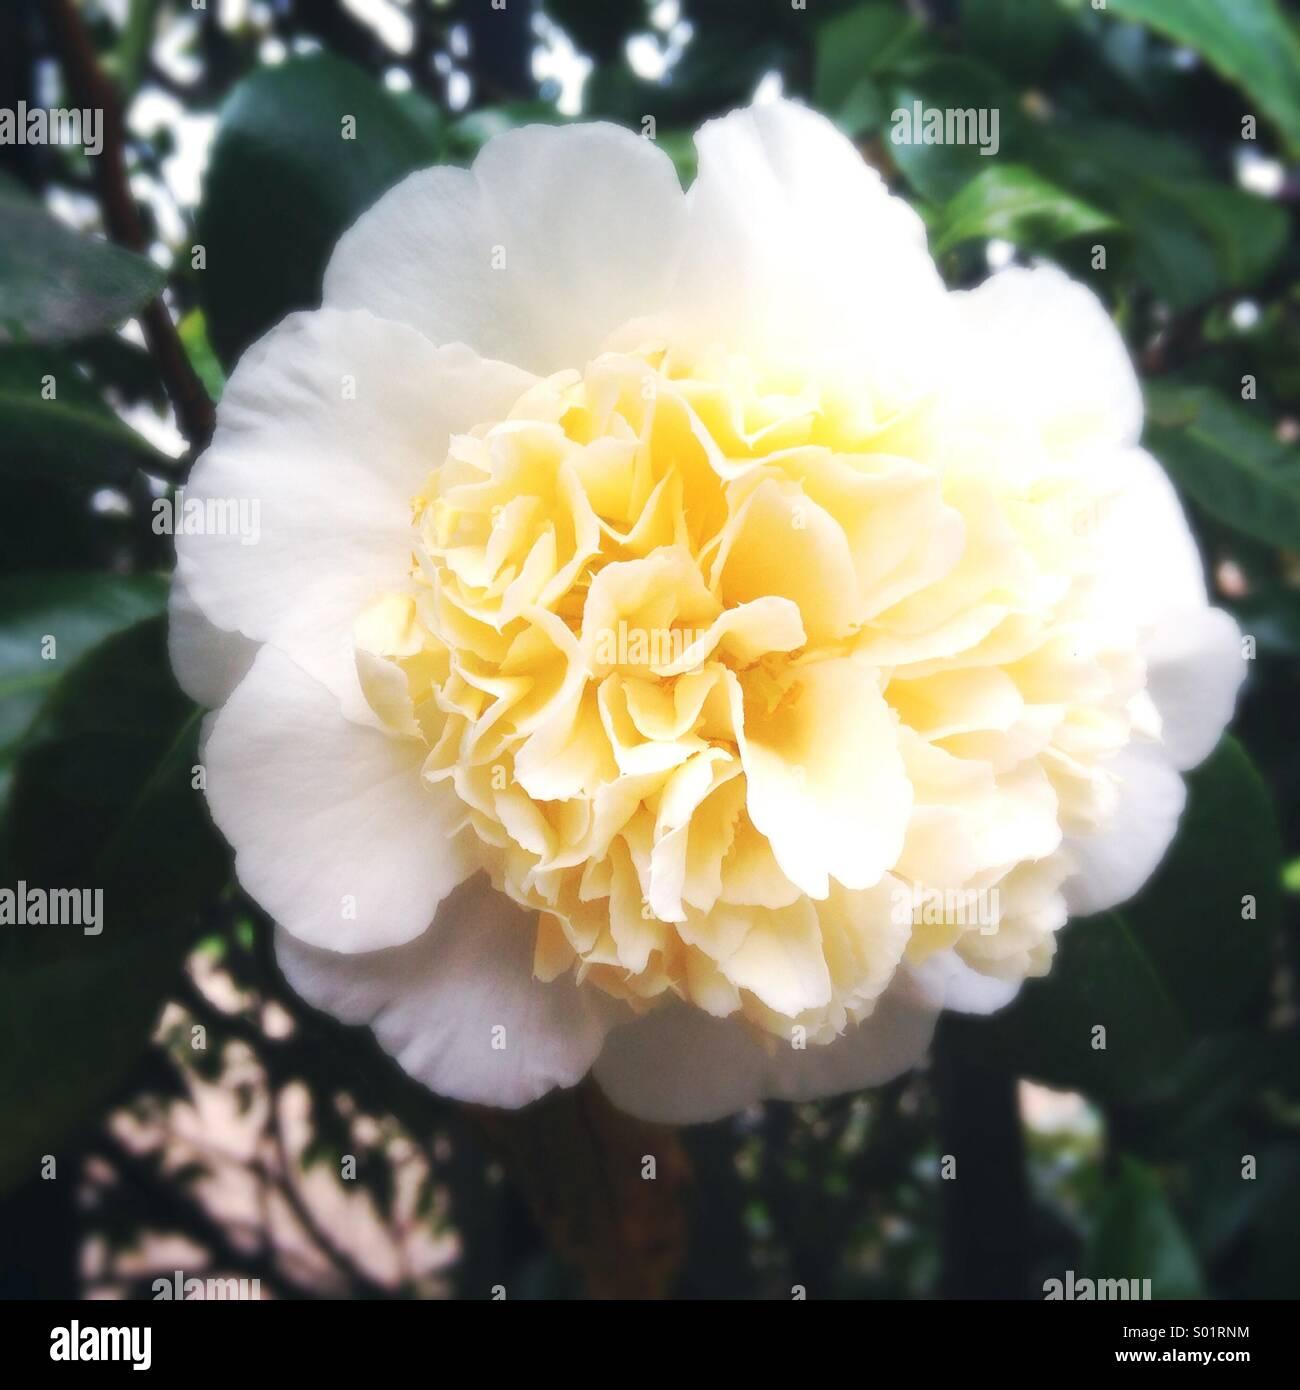 White flower - Stock Image